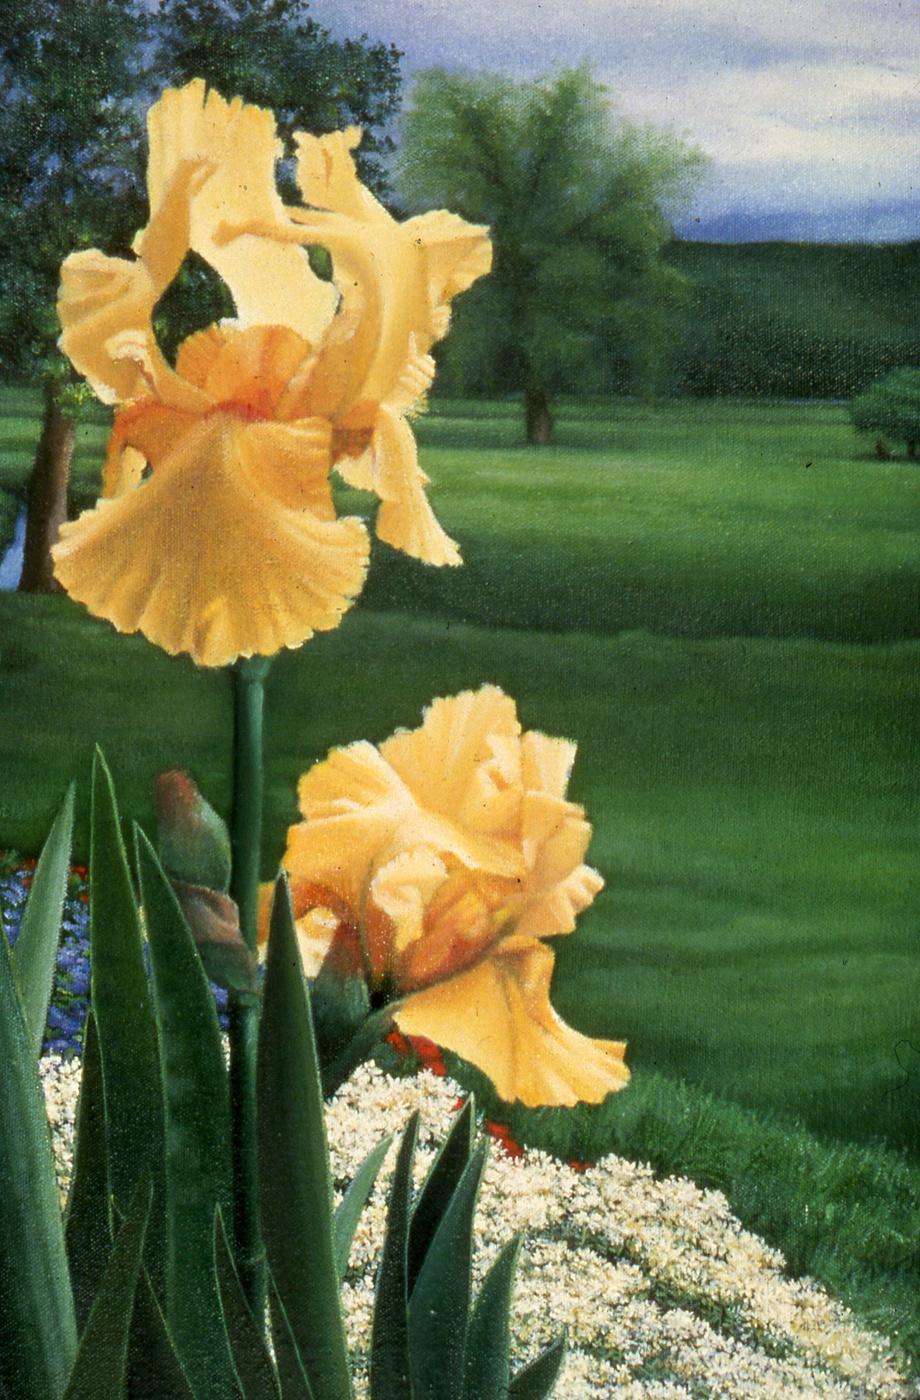 The Yellow Iris